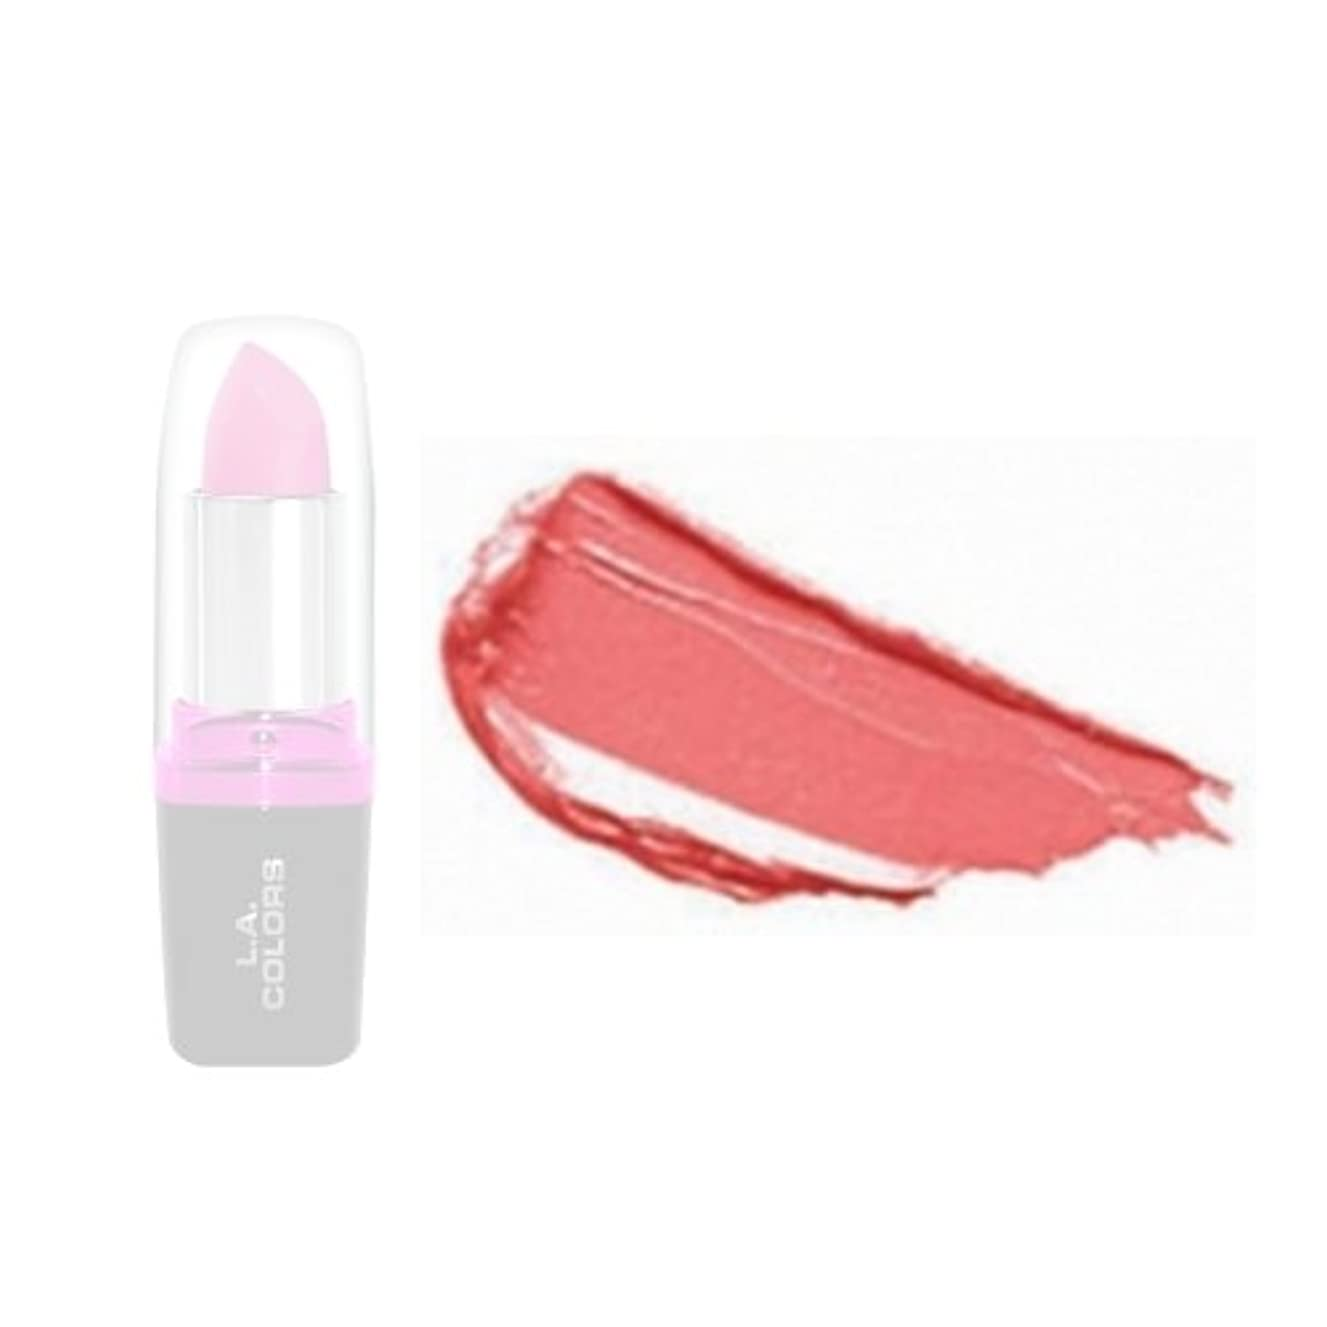 後ろにぴかぴか裏切る(3 Pack) LA Colors Hydrating Lipstick - Dainty (並行輸入品)